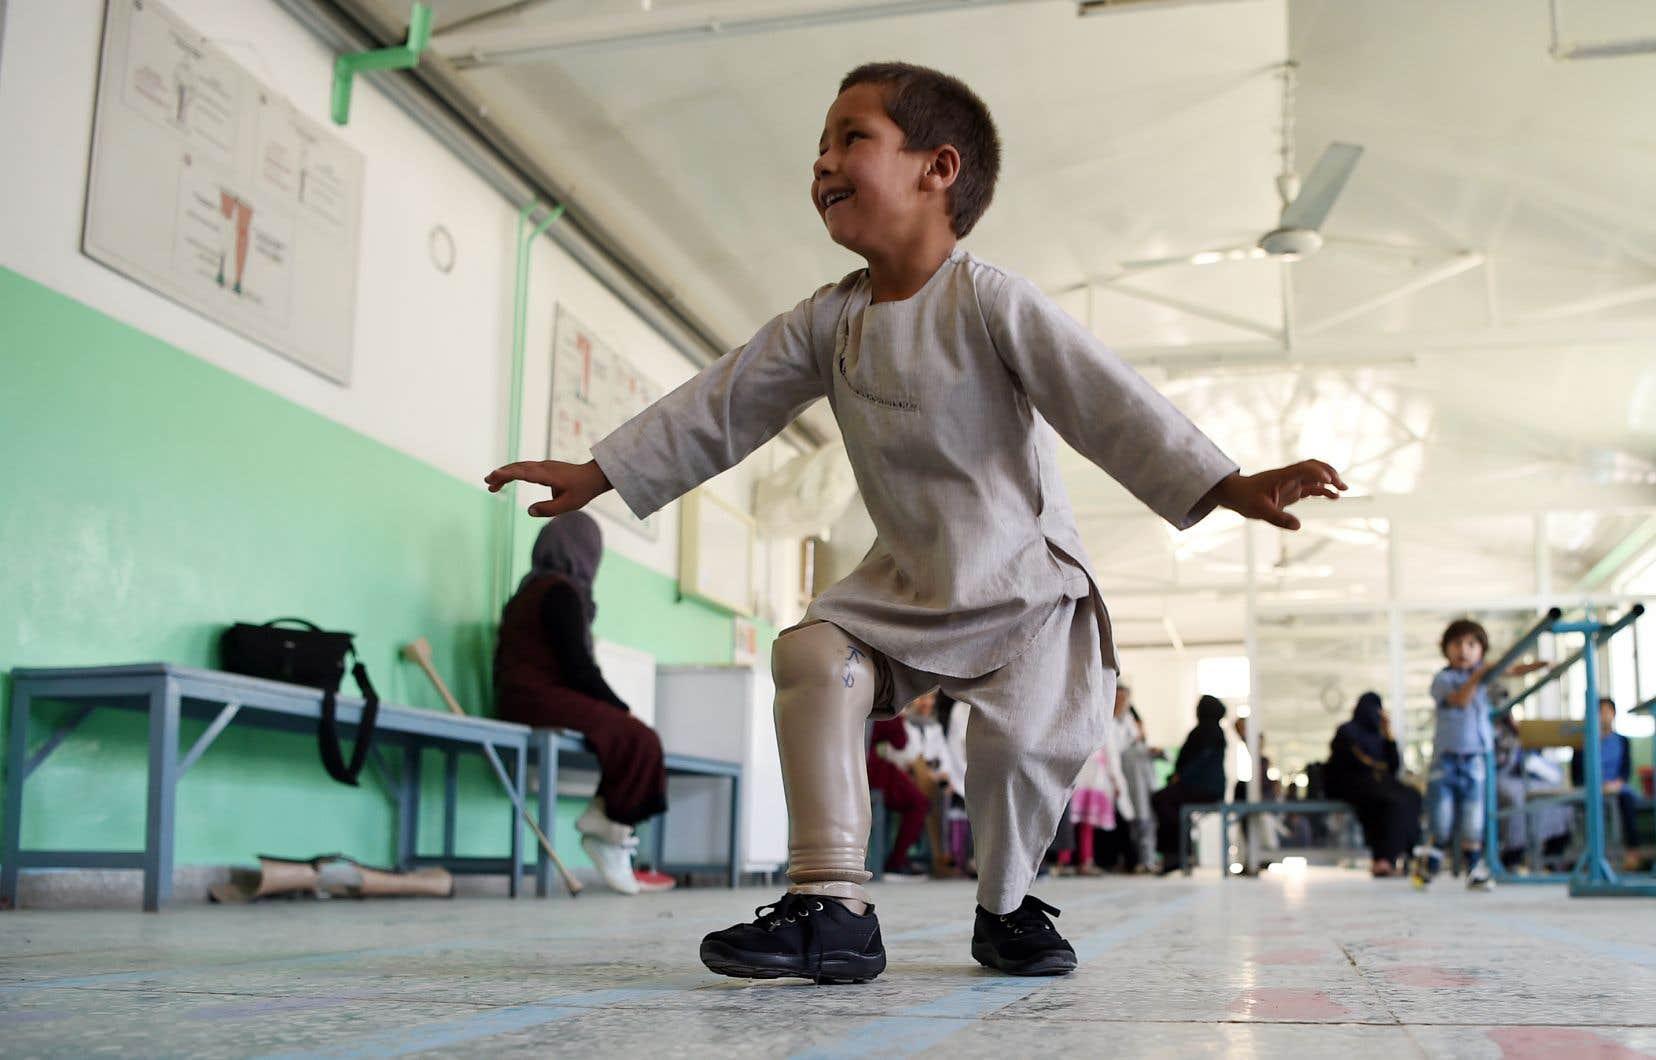 En 10 ans, le conflit afghan a fait plus de 100000 victimes civiles, tuées et blessées, comme le petit Ahmad Sayed Rahman, 5 ans, amputé d'une jambe après avoir été blessé par balle.